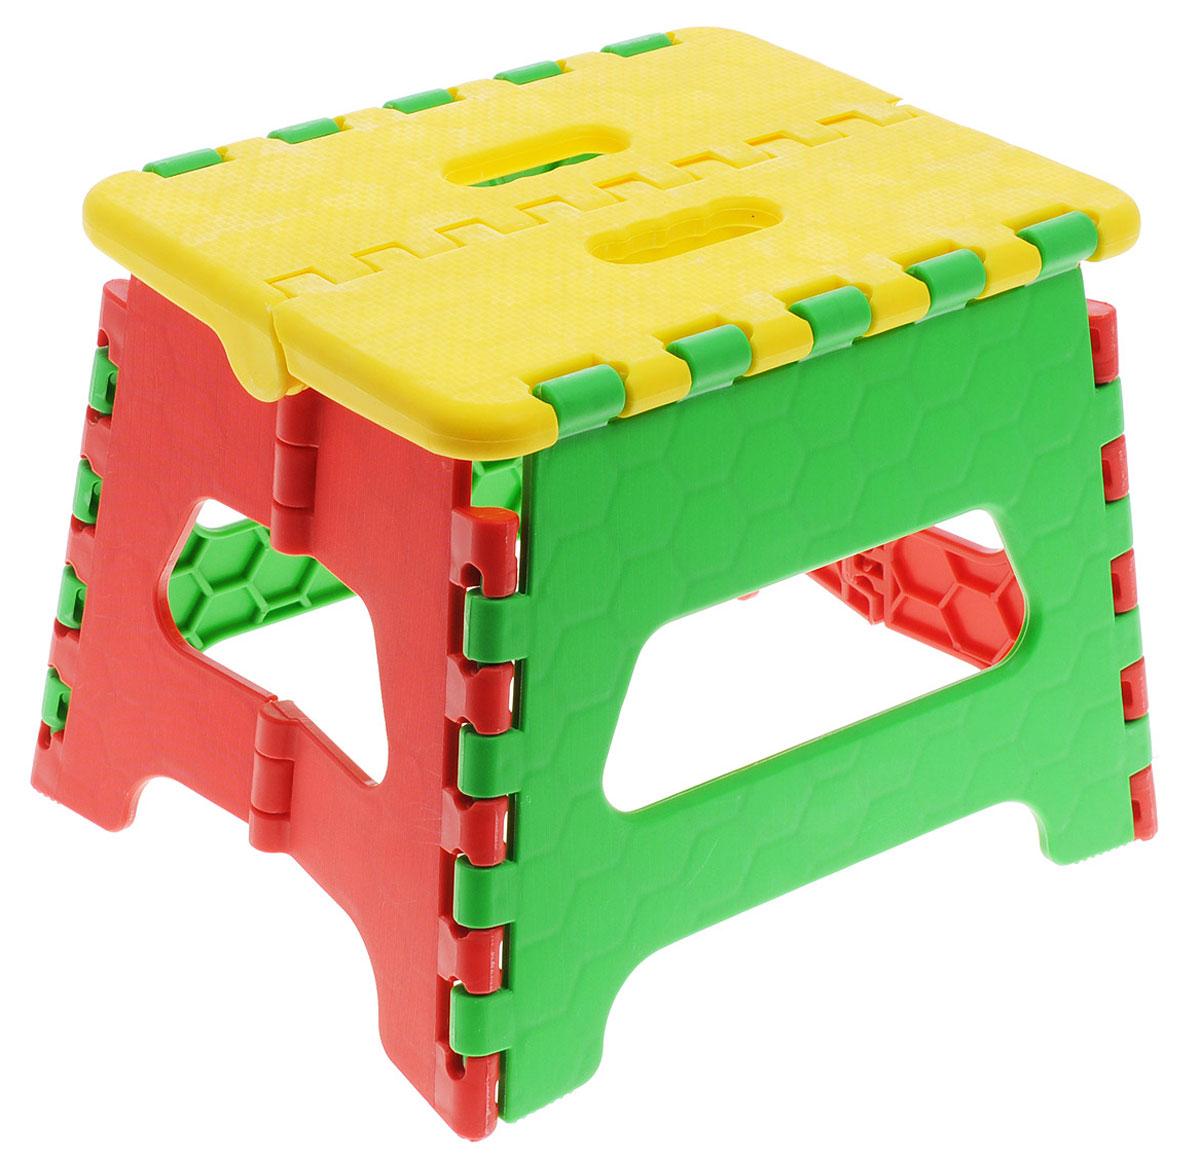 Art Moon Стульчик-подставка Maja складной цвет желтый зеленый красныйМ 2289_бюризовыйСкладной стульчик-подставка Art Moon Maja станет незаменимым аксессуаром для игр ребенка как в помещении, так и на открытом воздухе.Легкий, но очень прочный стульчик обеспечивает удобство и комфорт ребенку. Изделие имеет устойчивую конструкцию.Яркие цвета, компактный размер в сложенном виде, ручка для переноски - все это идеально выделяет его из всех других детских стульчиков.